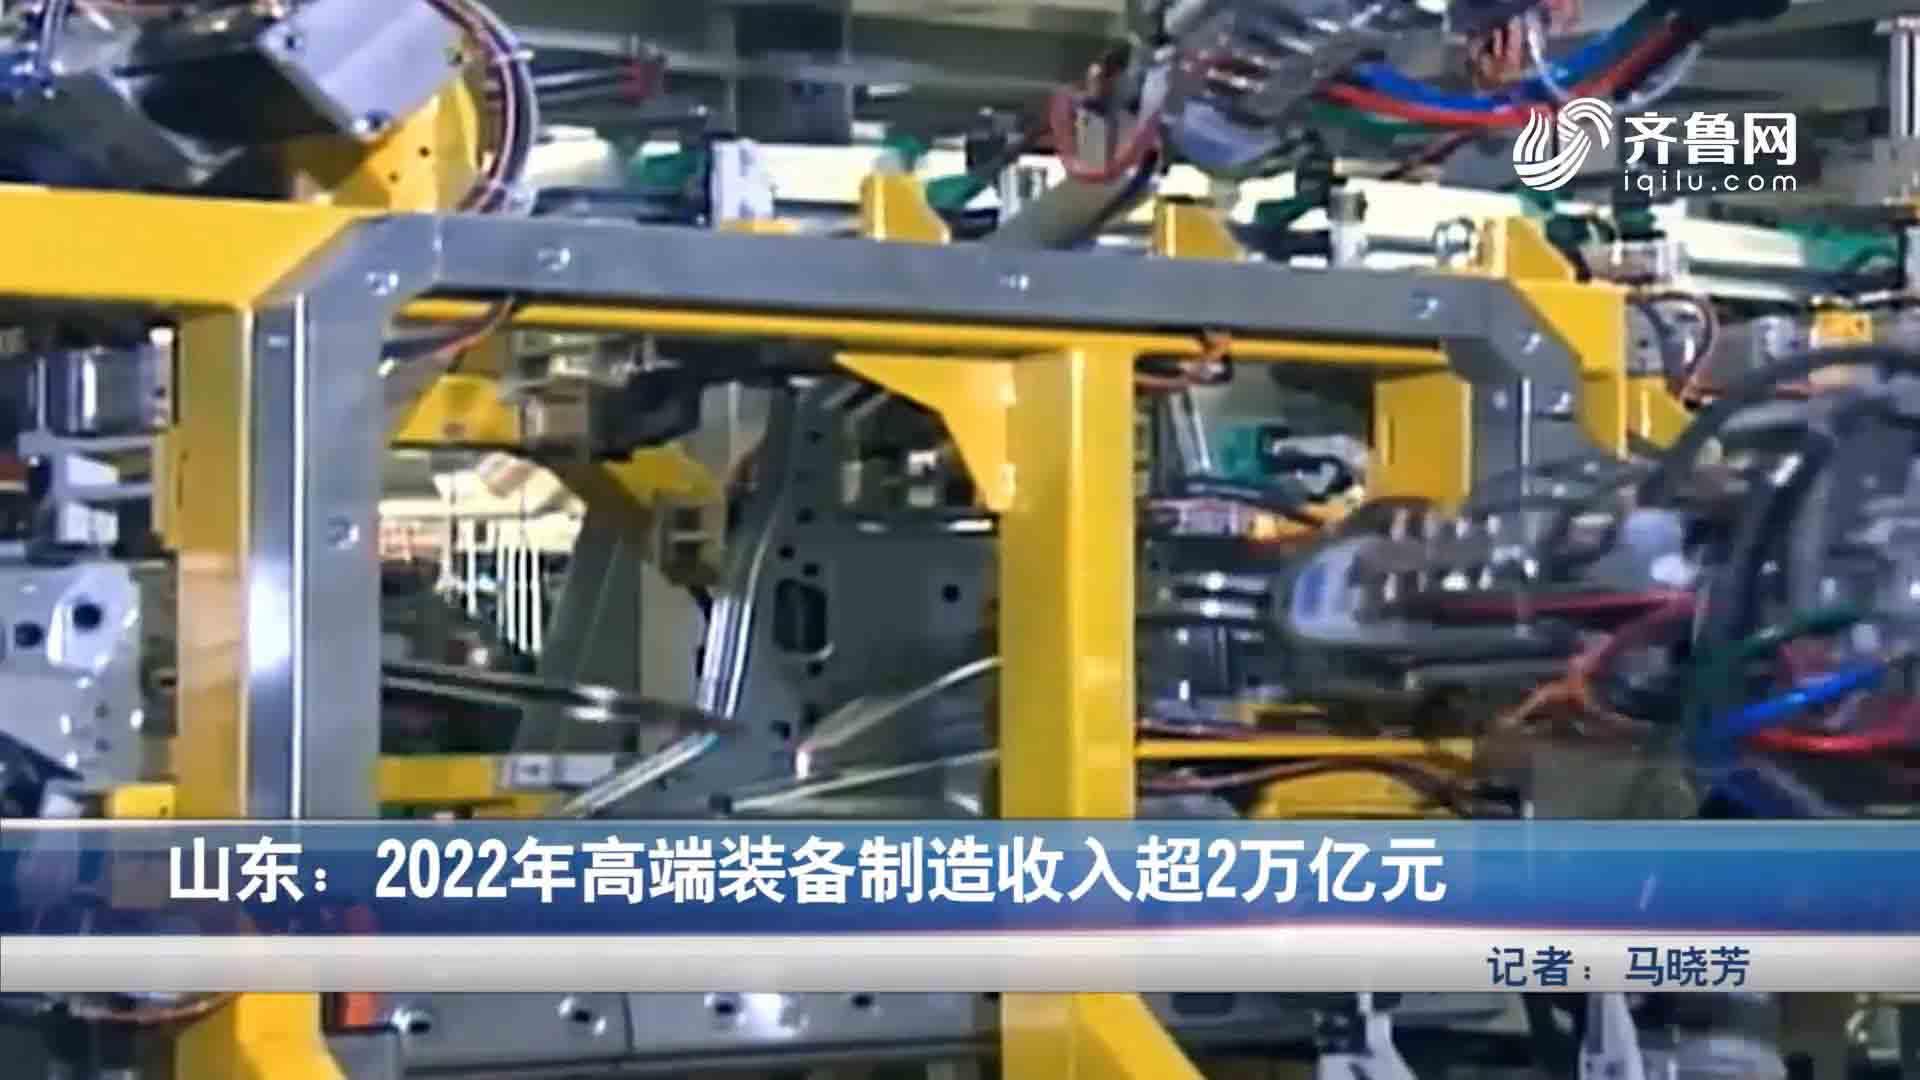 2022年高端装备制造收入超2万亿元